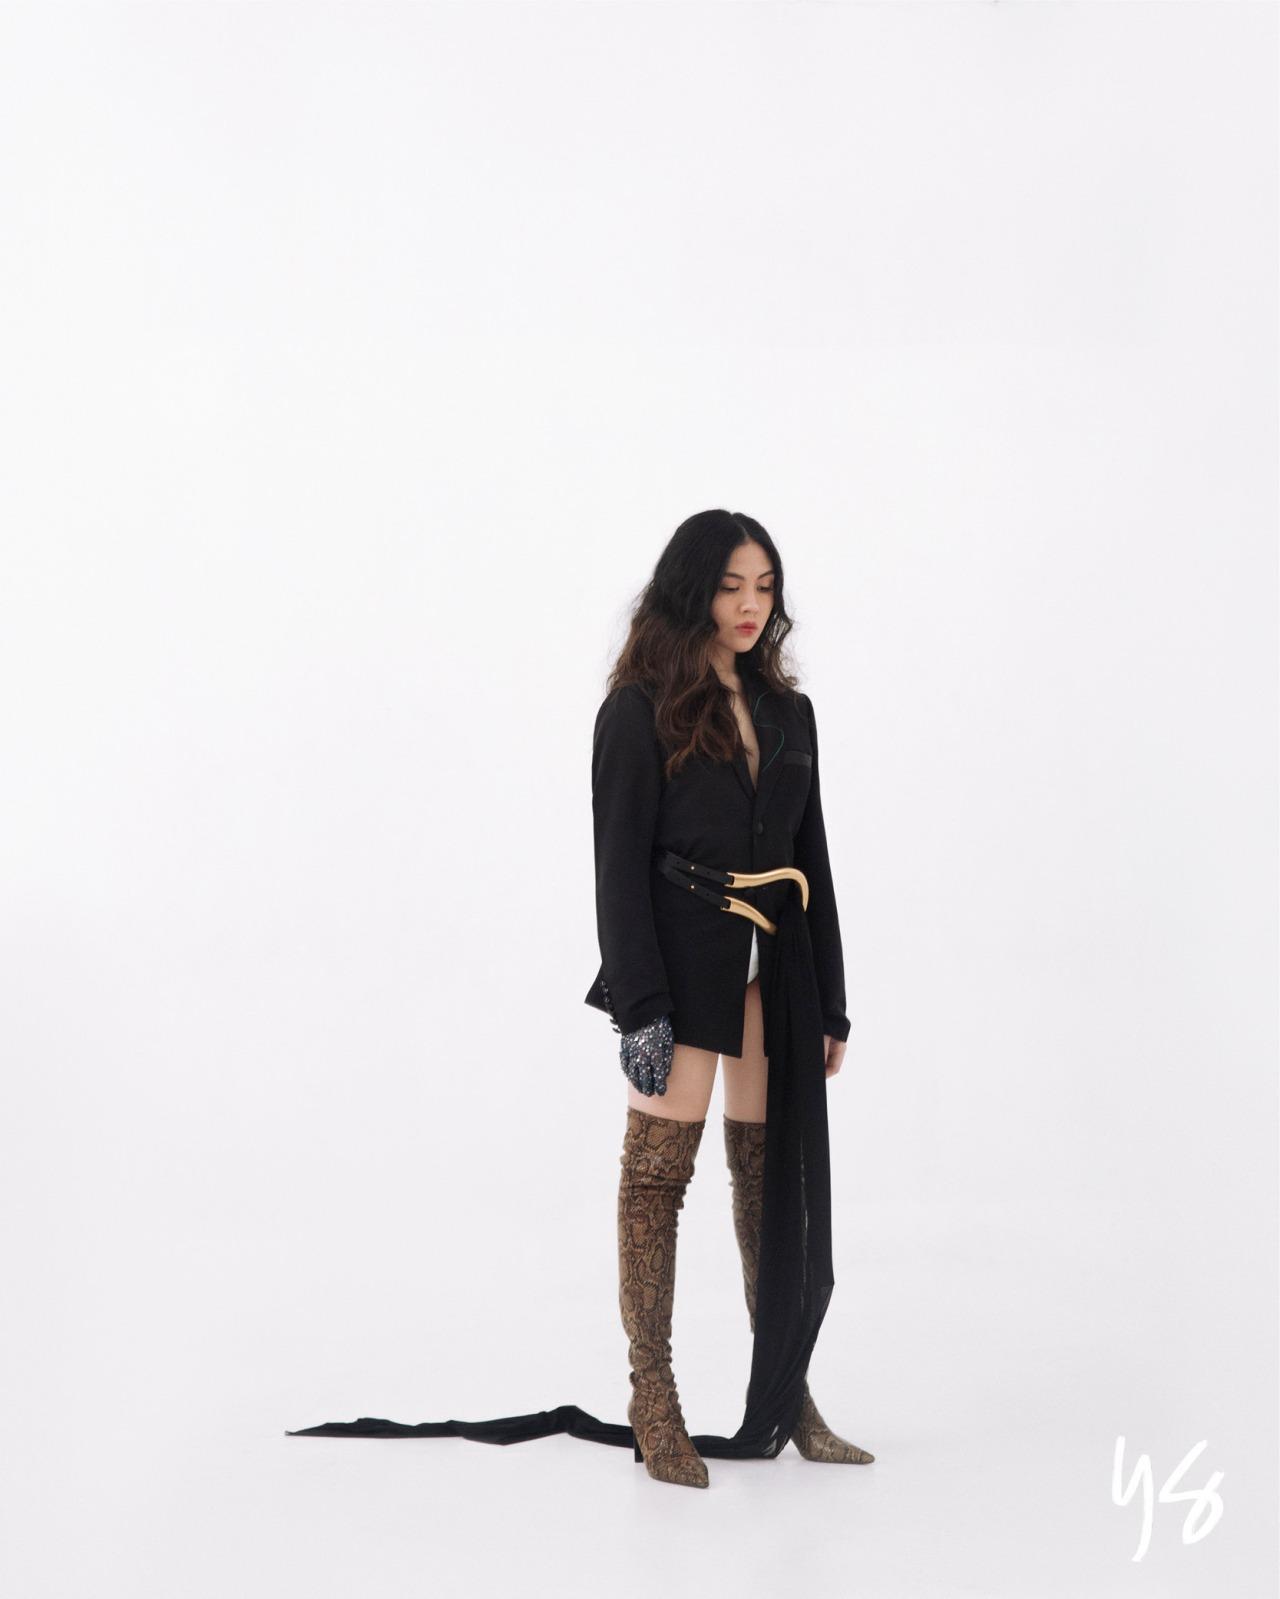 YS January - Frankie Pangilinan6